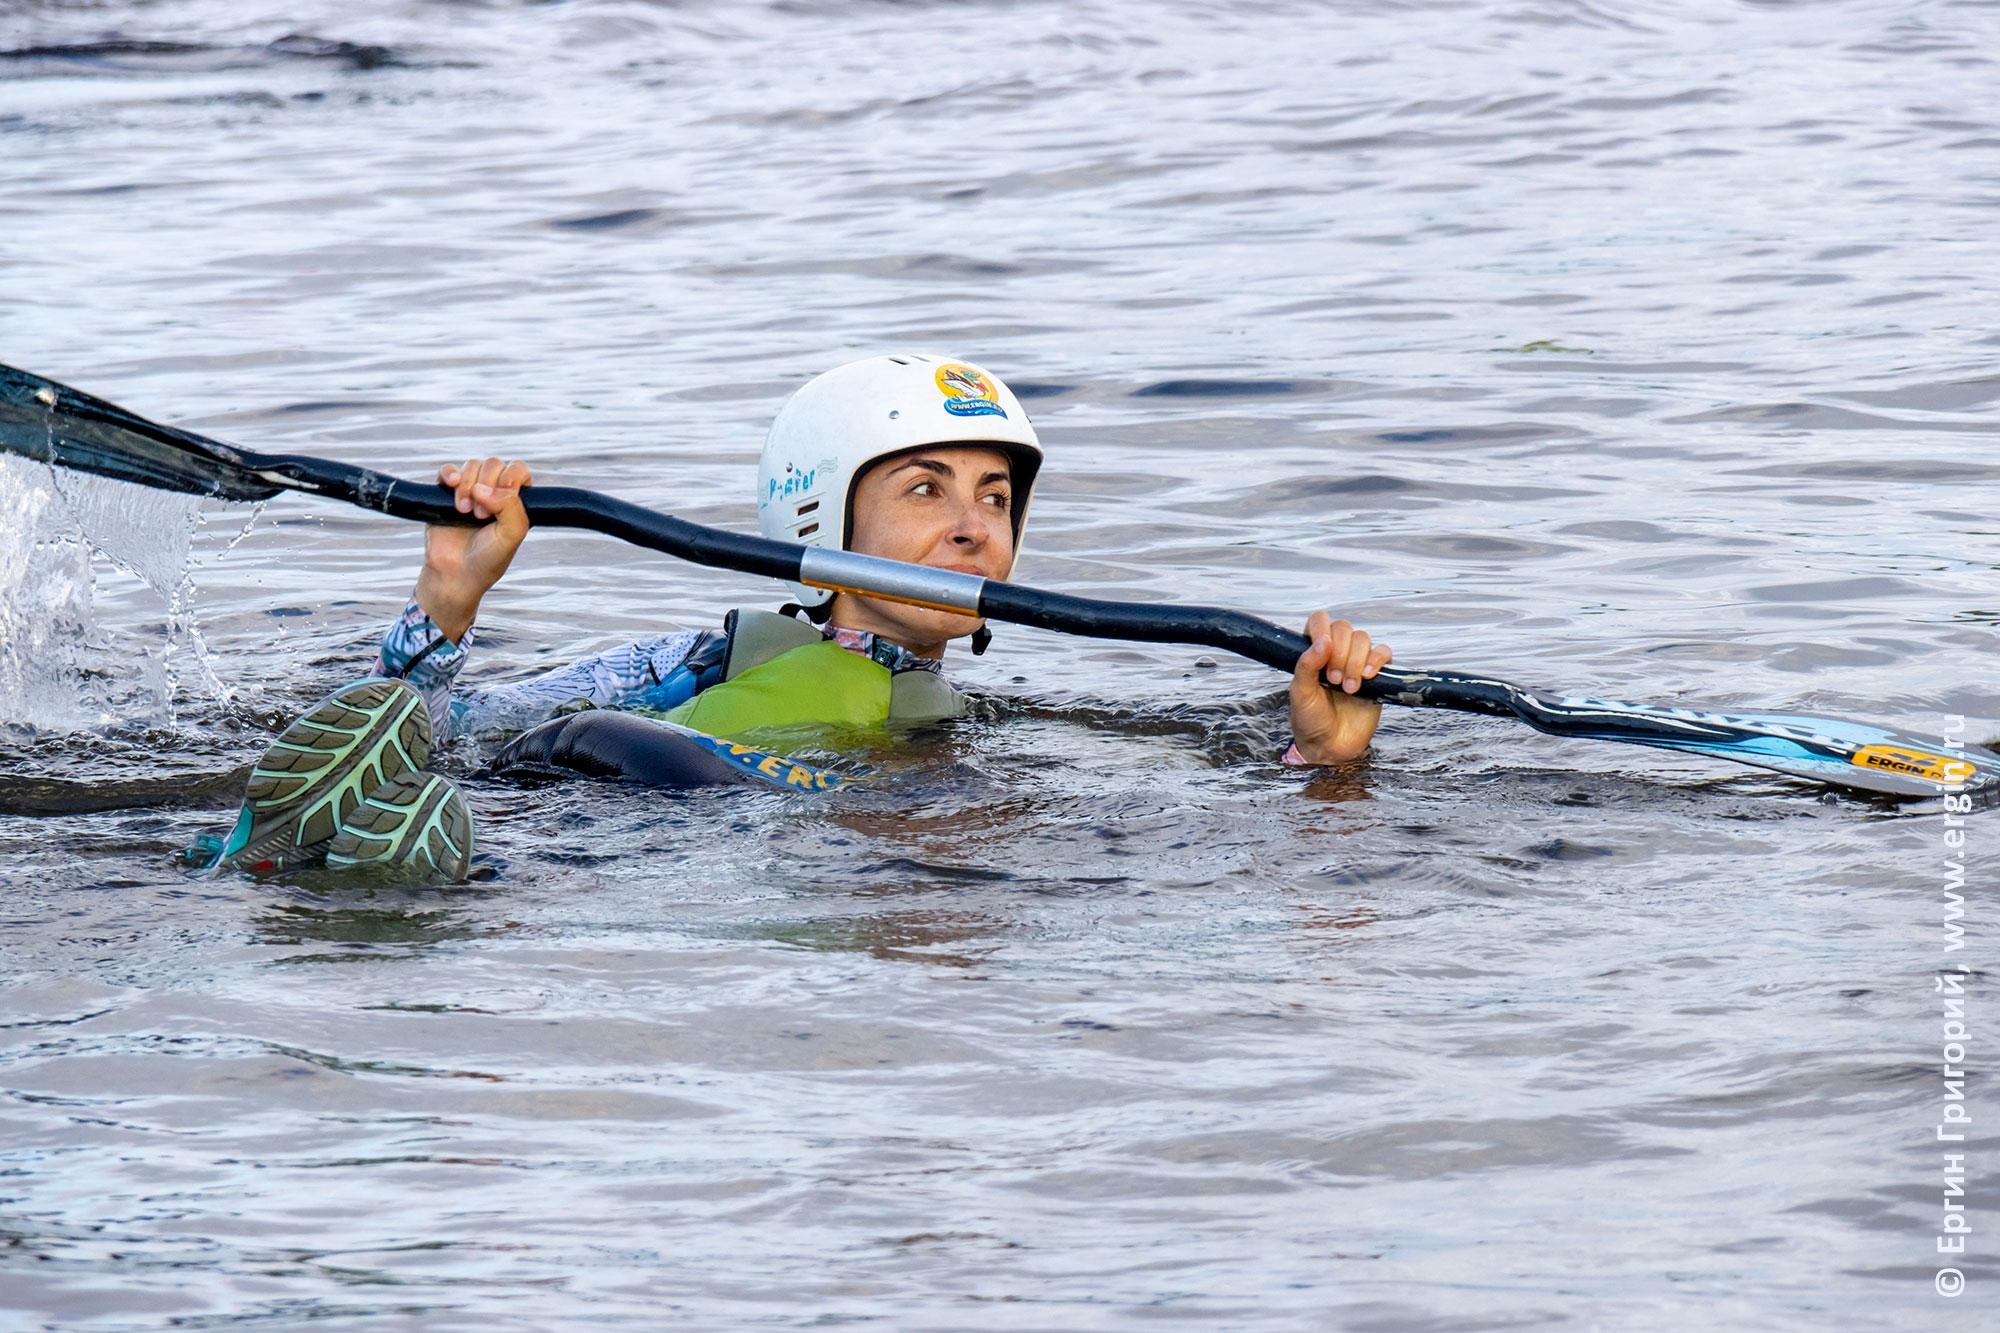 Изучение опор веслом в воде без каяка